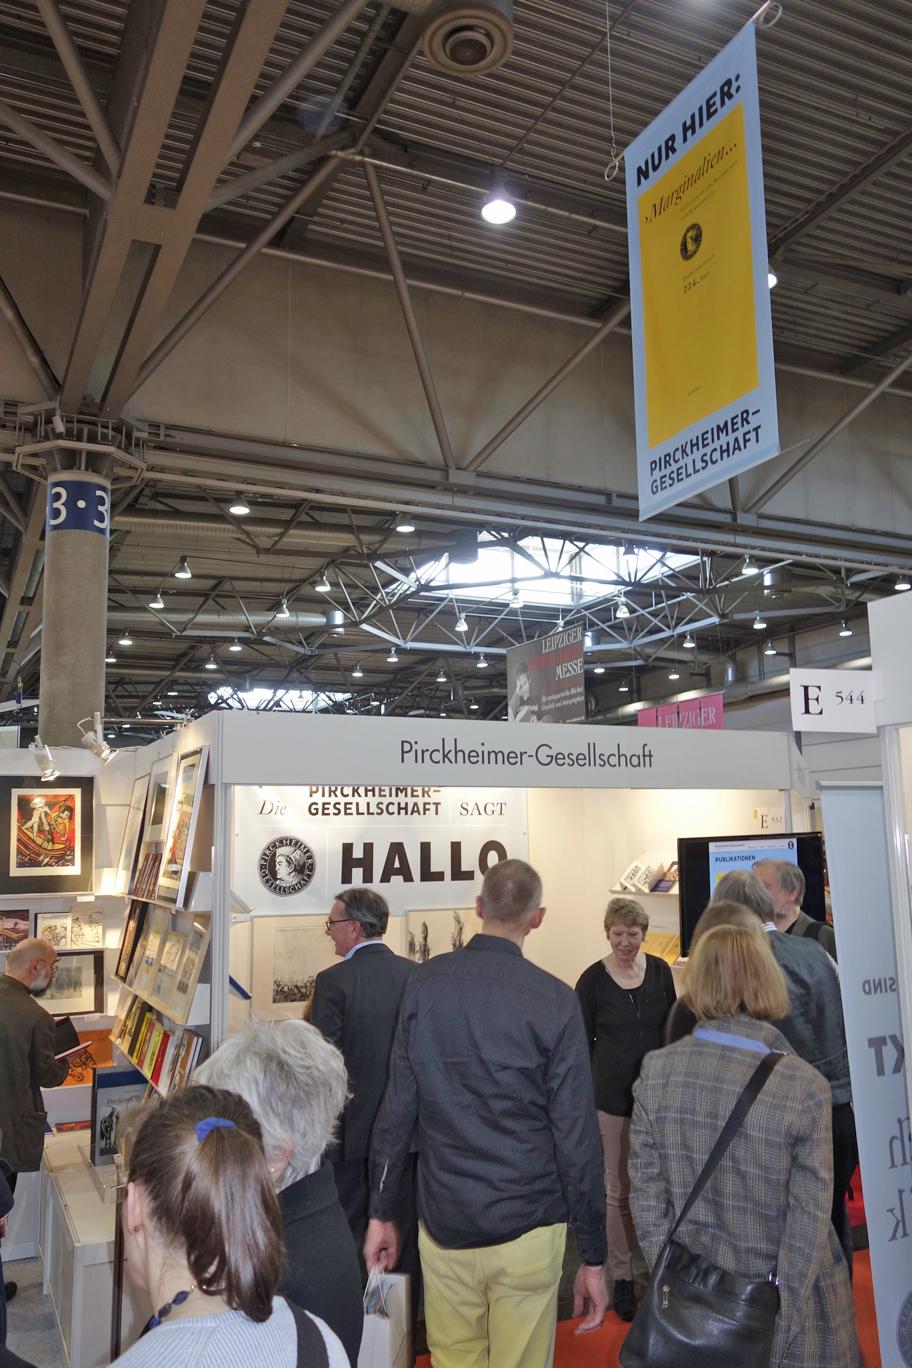 Der Stand der Pirckheimer auf der Leipziger Buchmesse 2017.